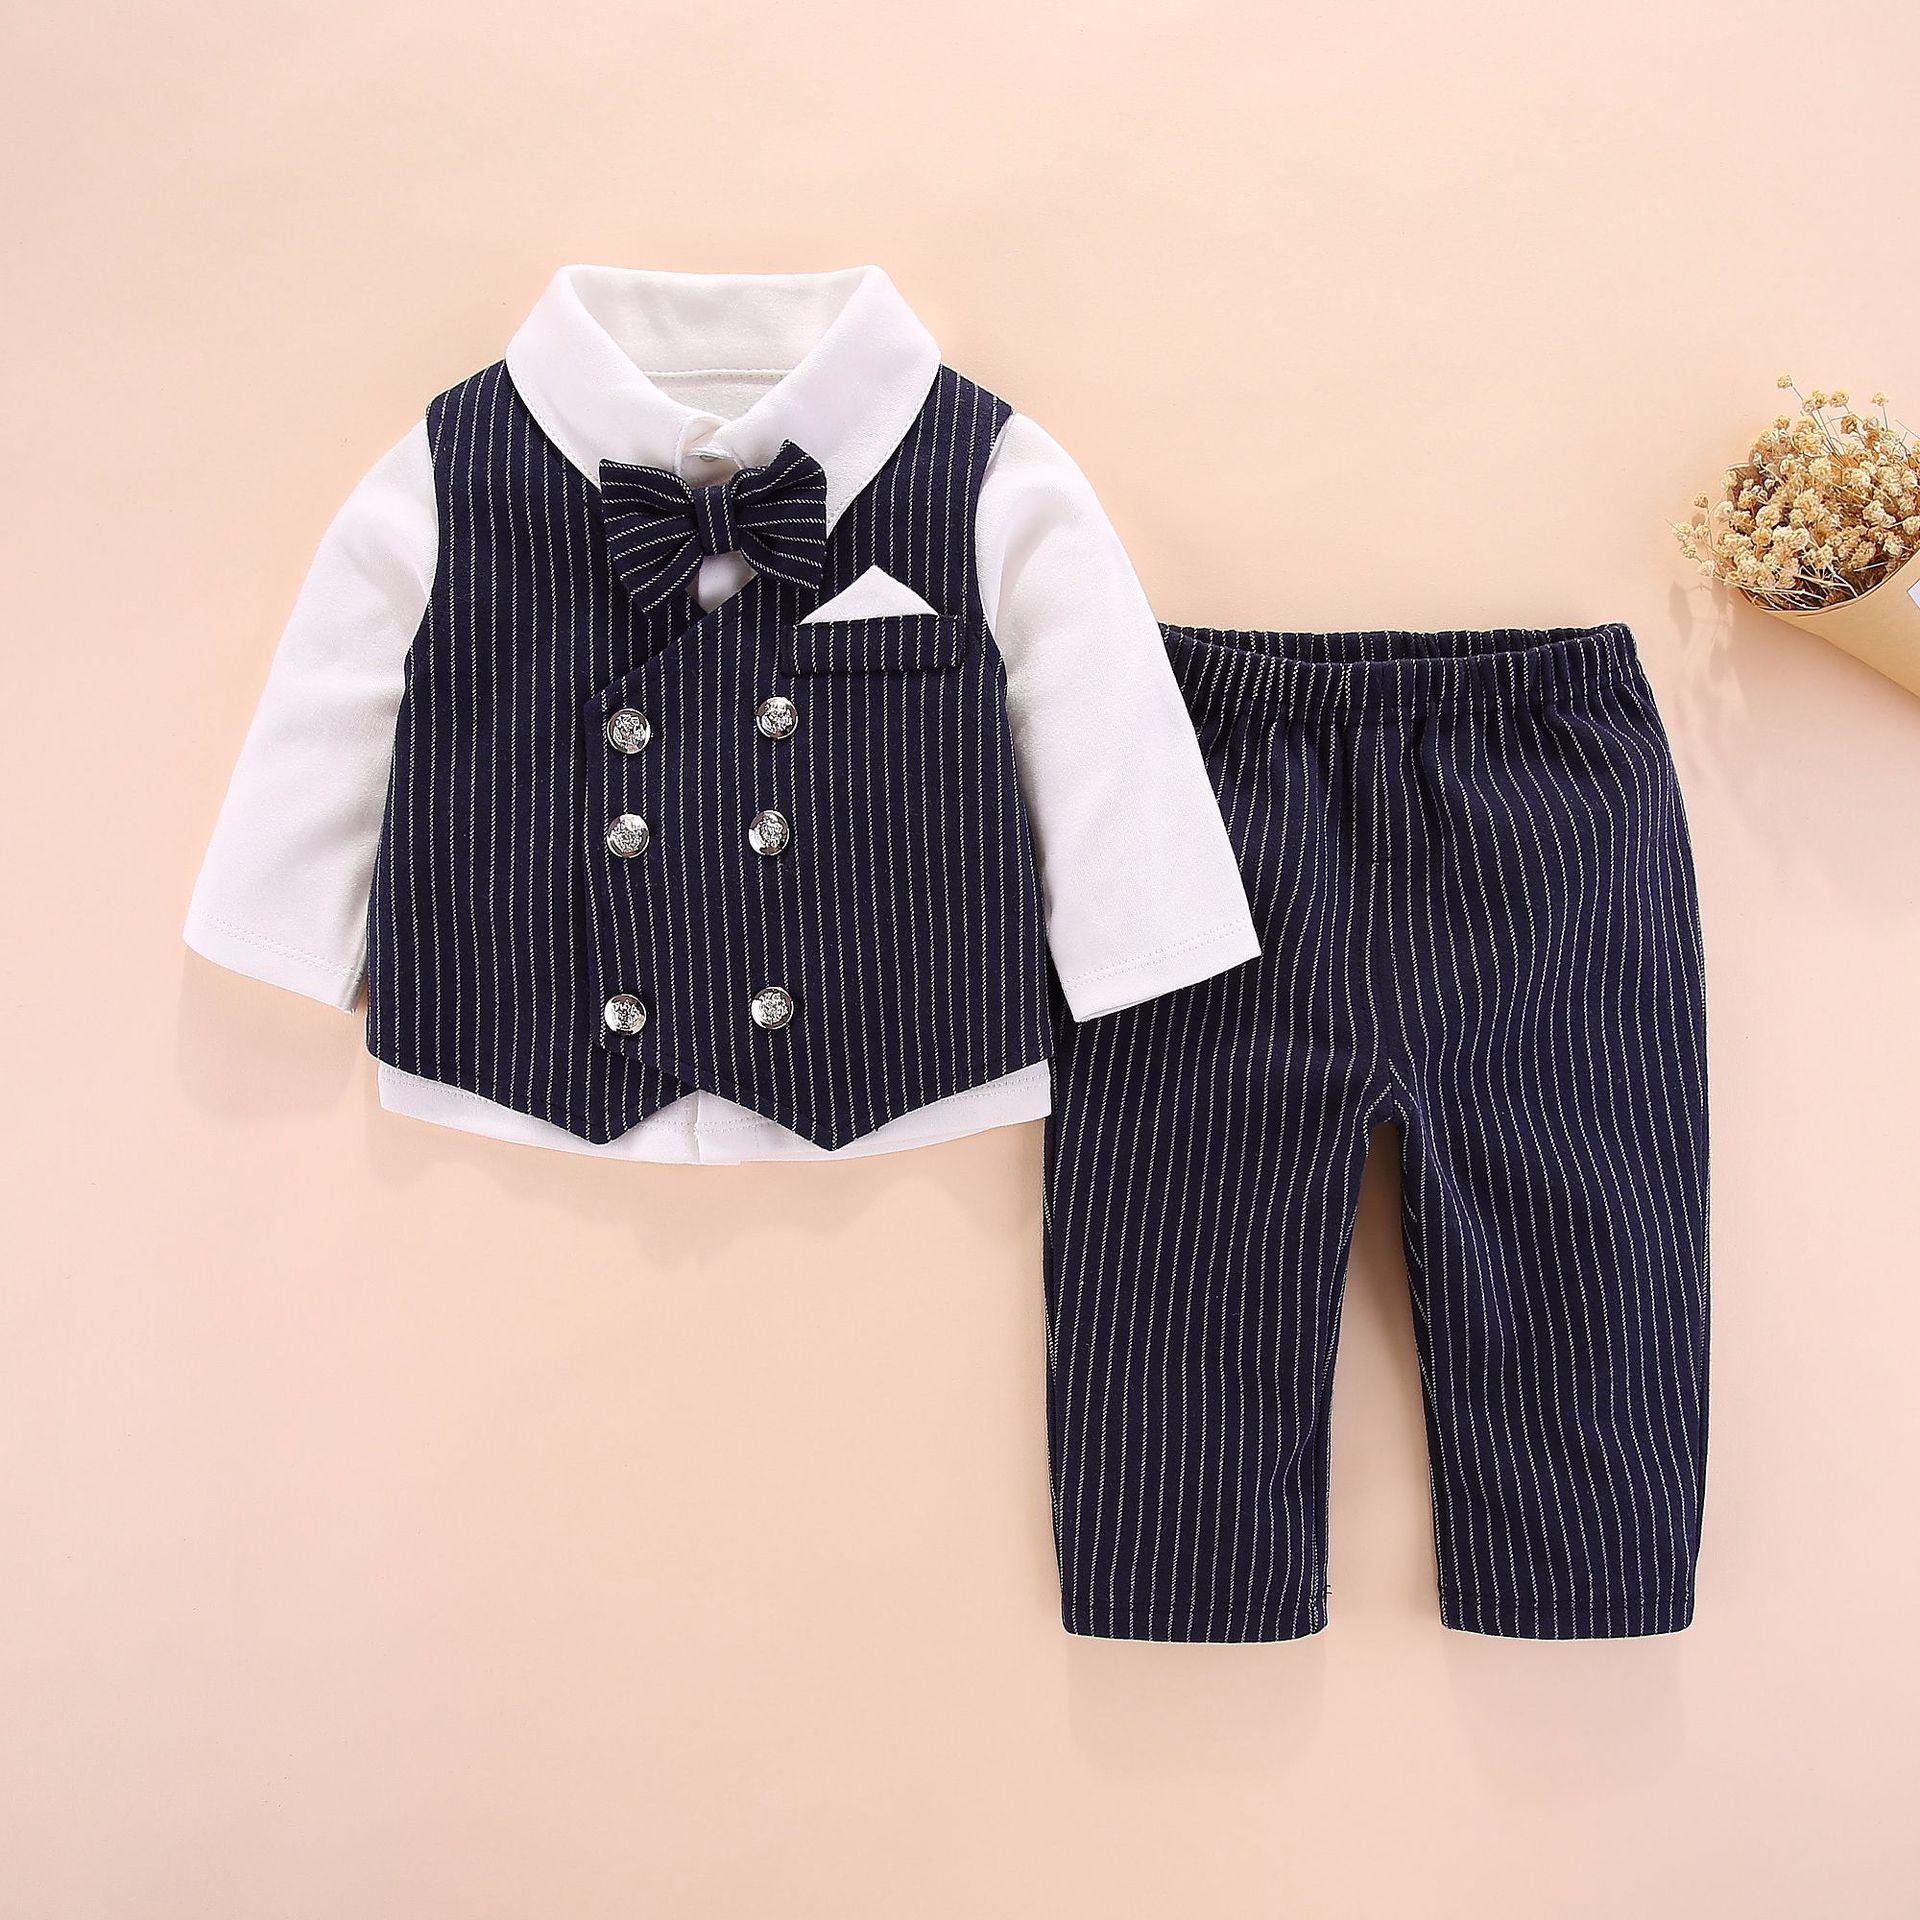 2020新款婴儿衣服英伦绅士三件套男宝宝哈衣套装西装礼服童装春秋